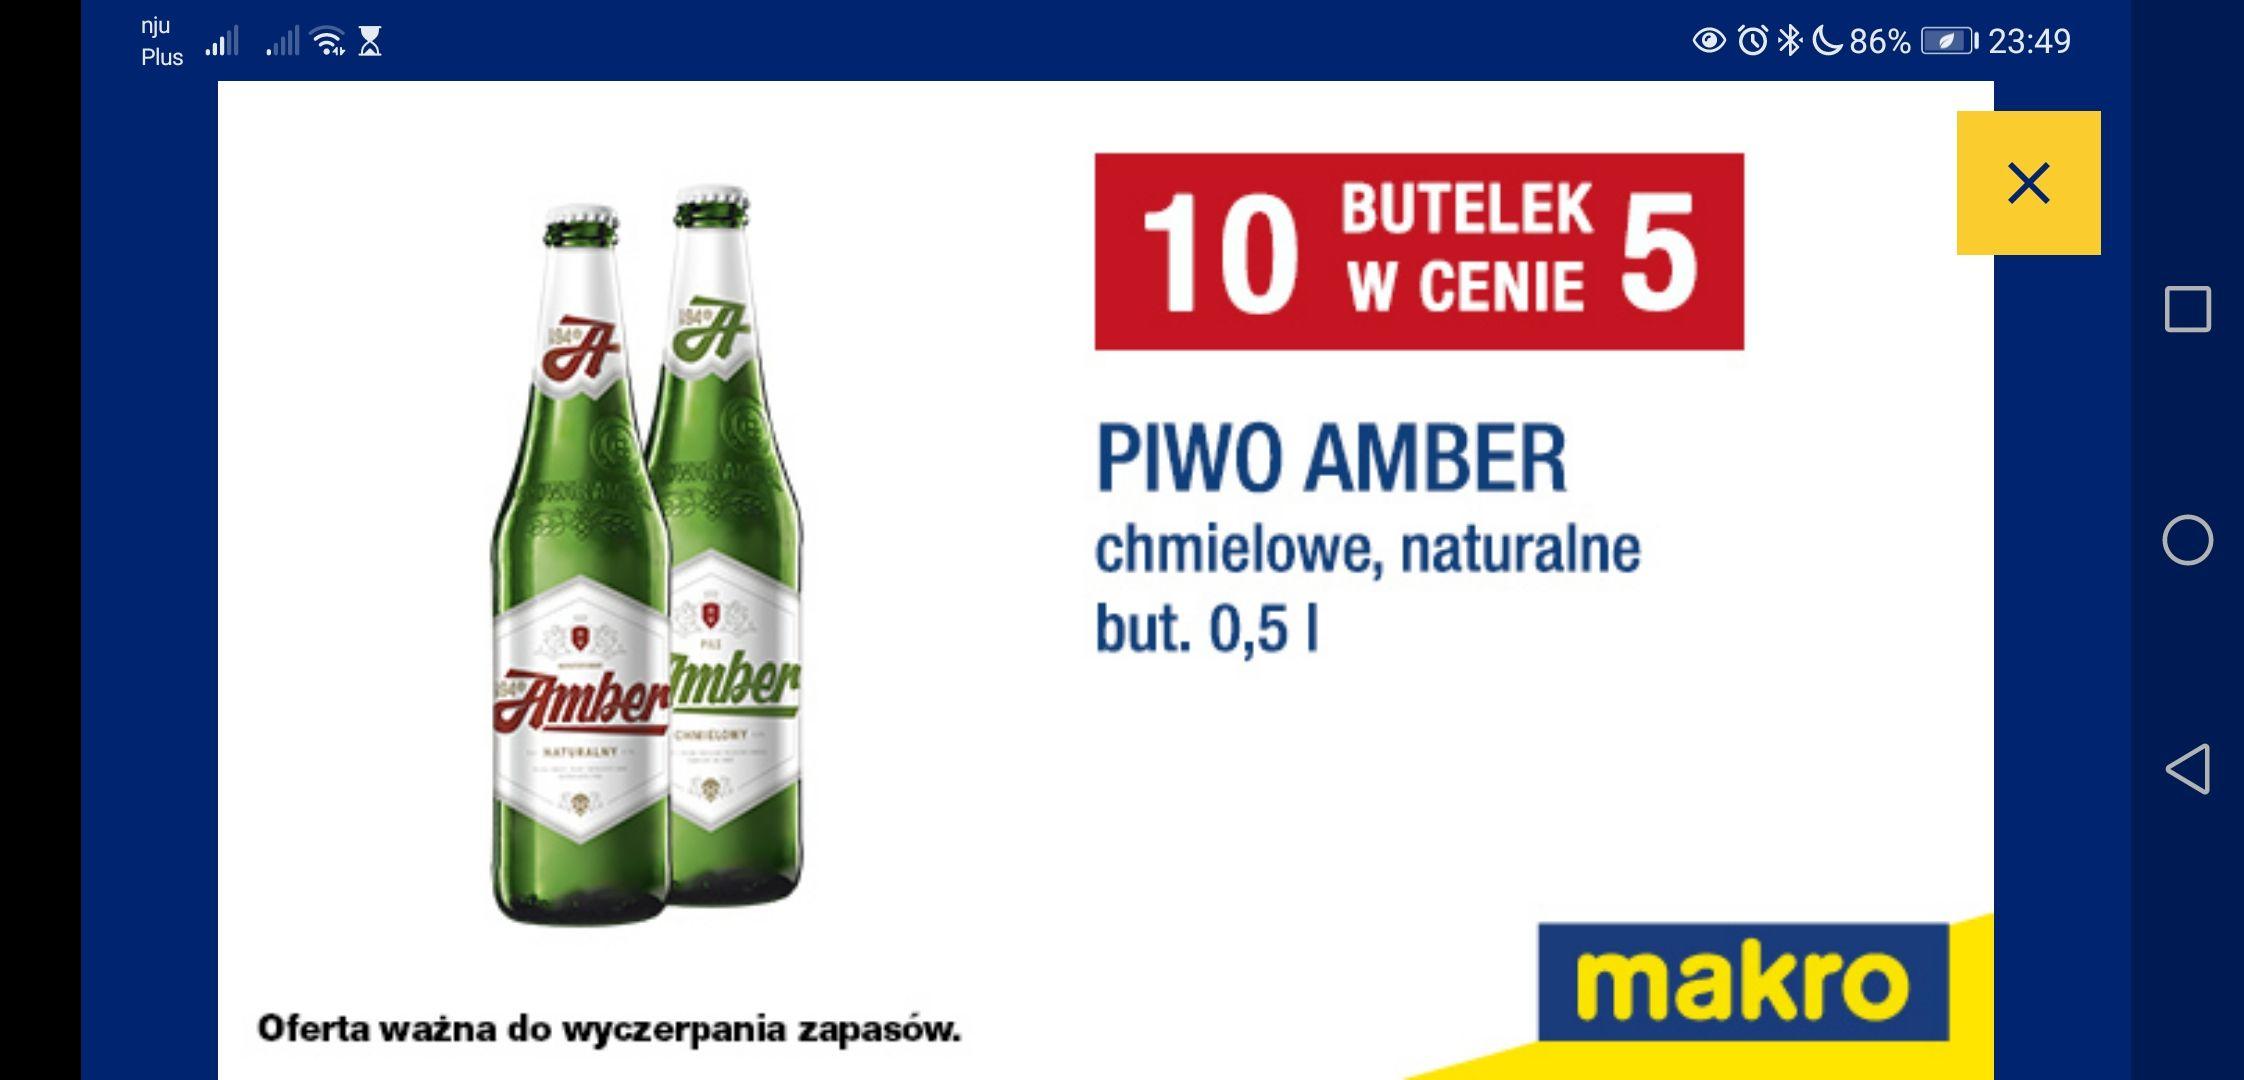 Piwo Amber, 10 butelek w cenie 5